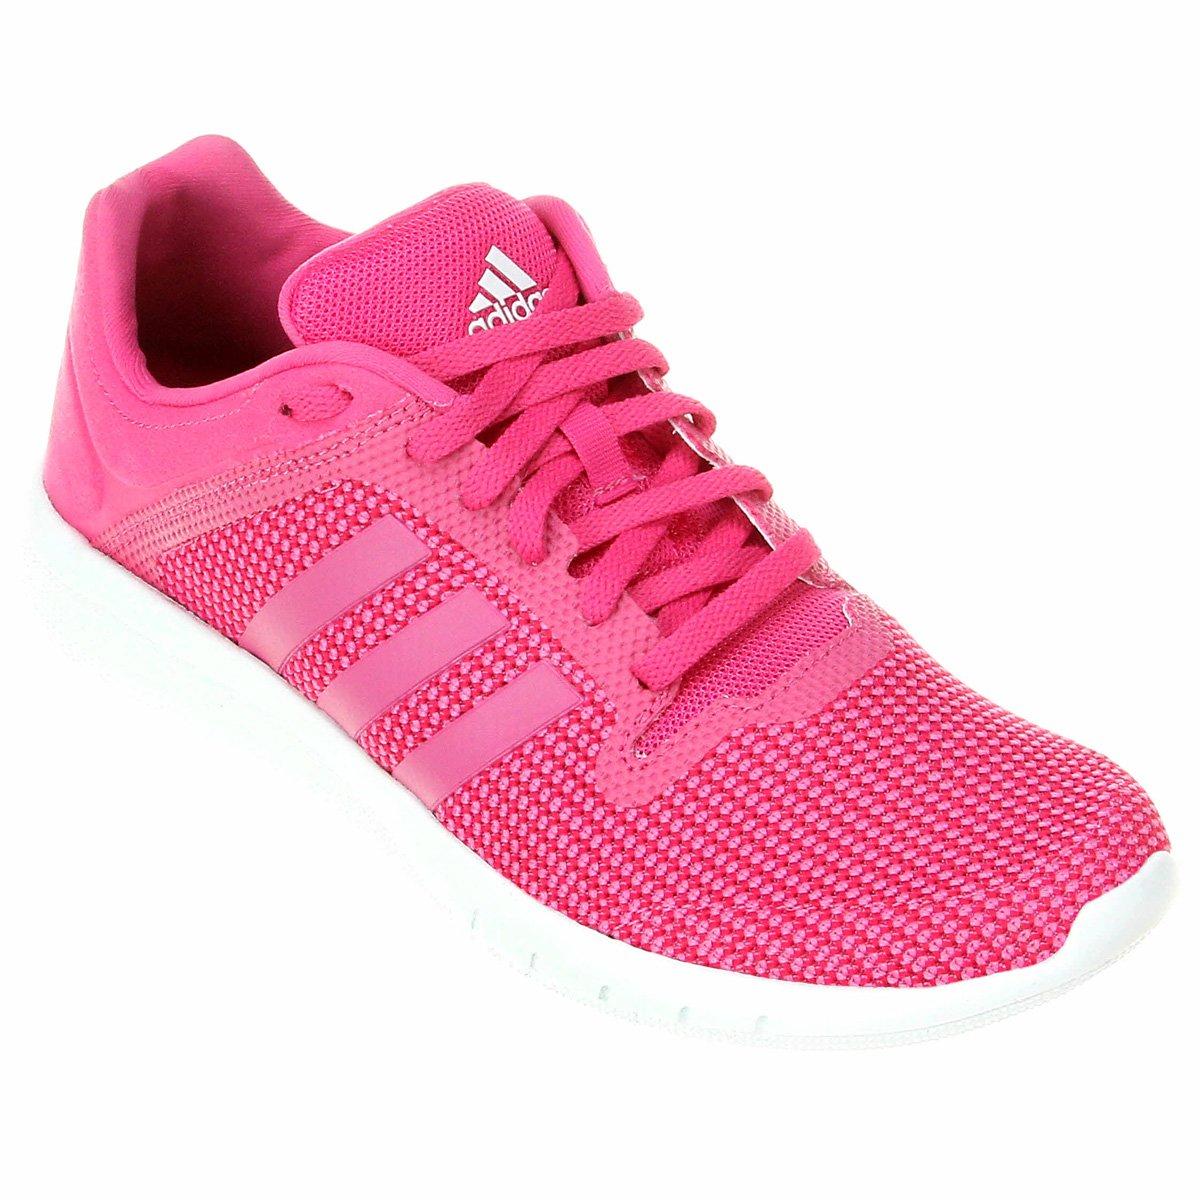 0c5d1e49817a Tênis Adidas CC Fresh 2 Feminino - Compre Agora